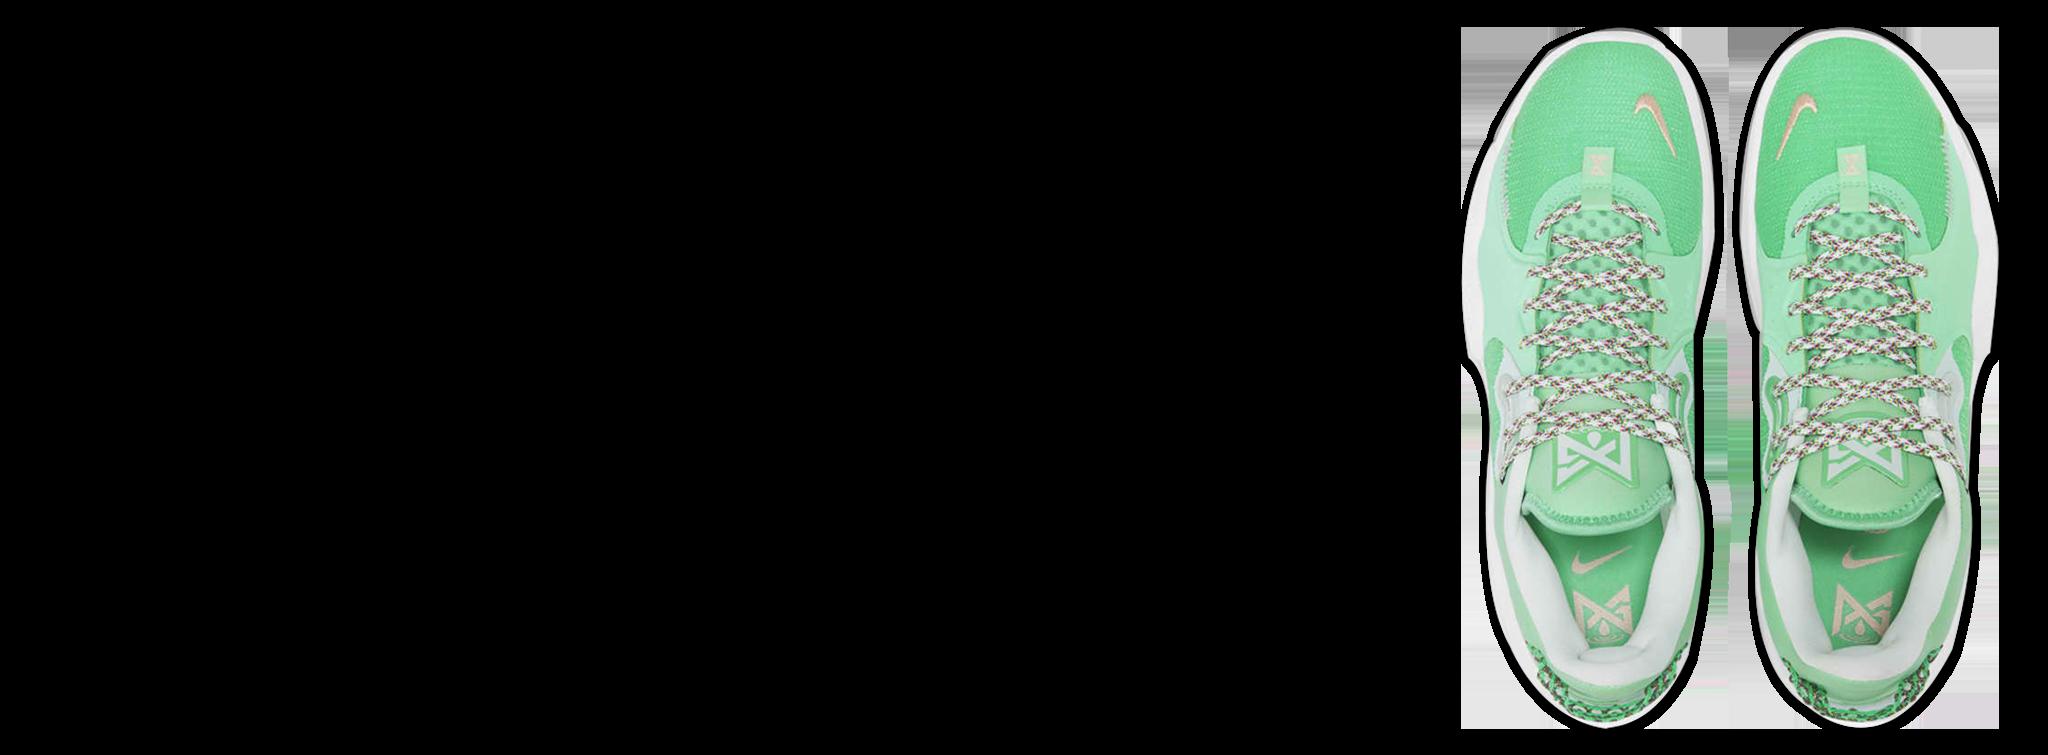 SCARPEPG5